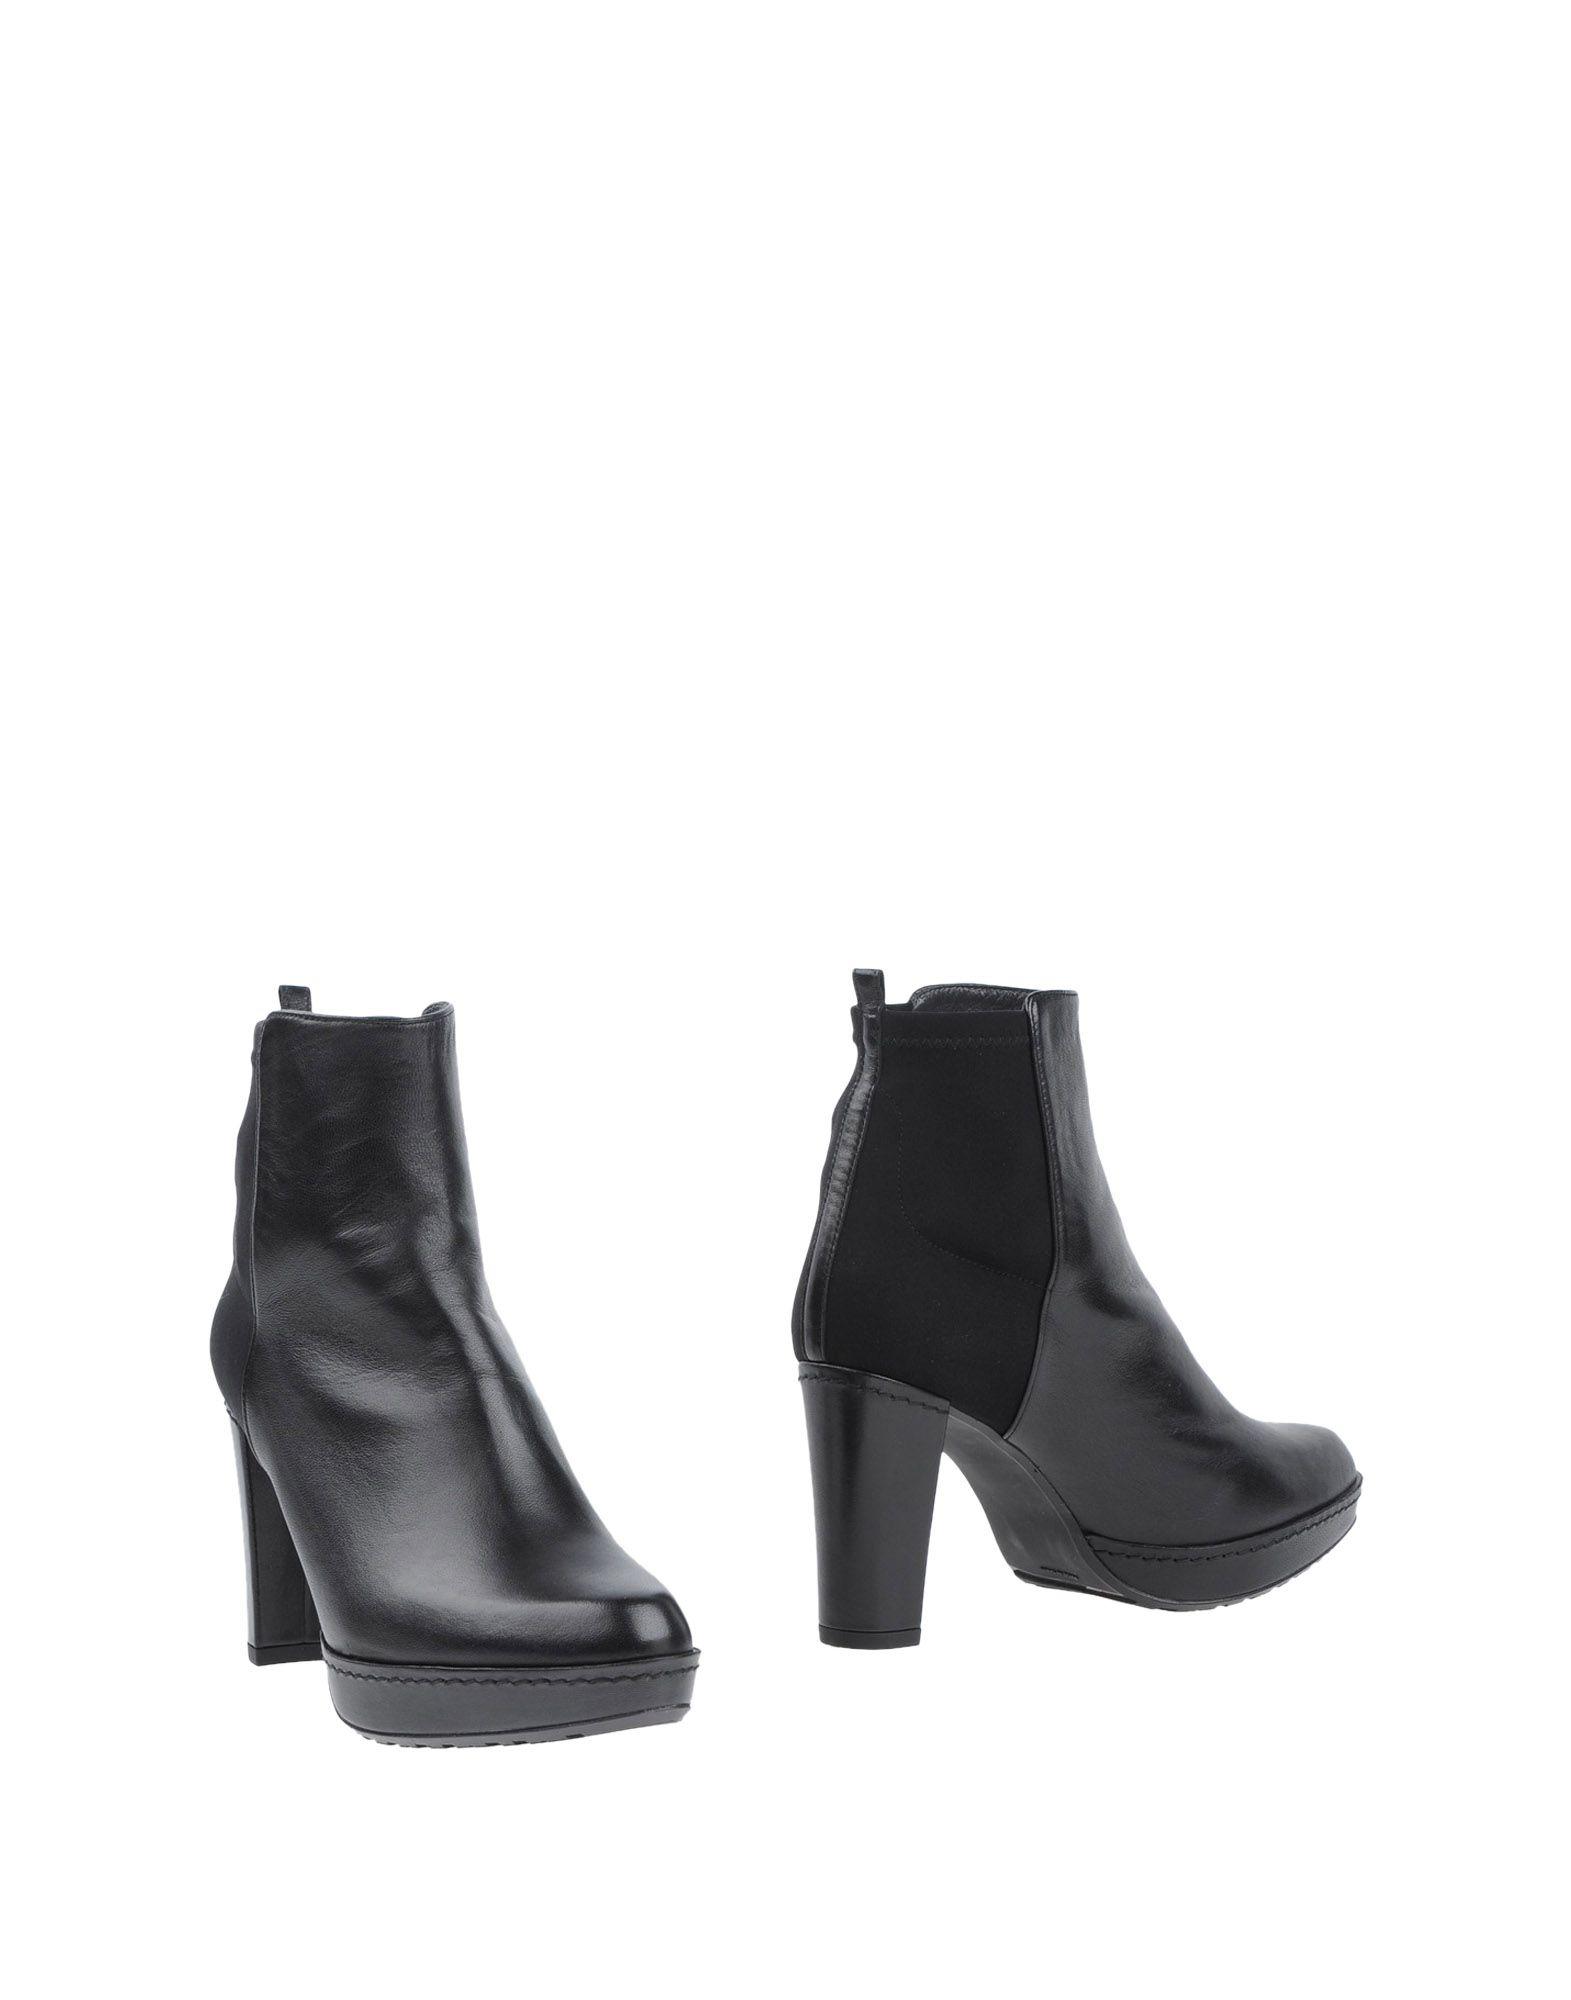 Rabatt Schuhe Stuart Weitzman Stiefelette Damen  11328441RA